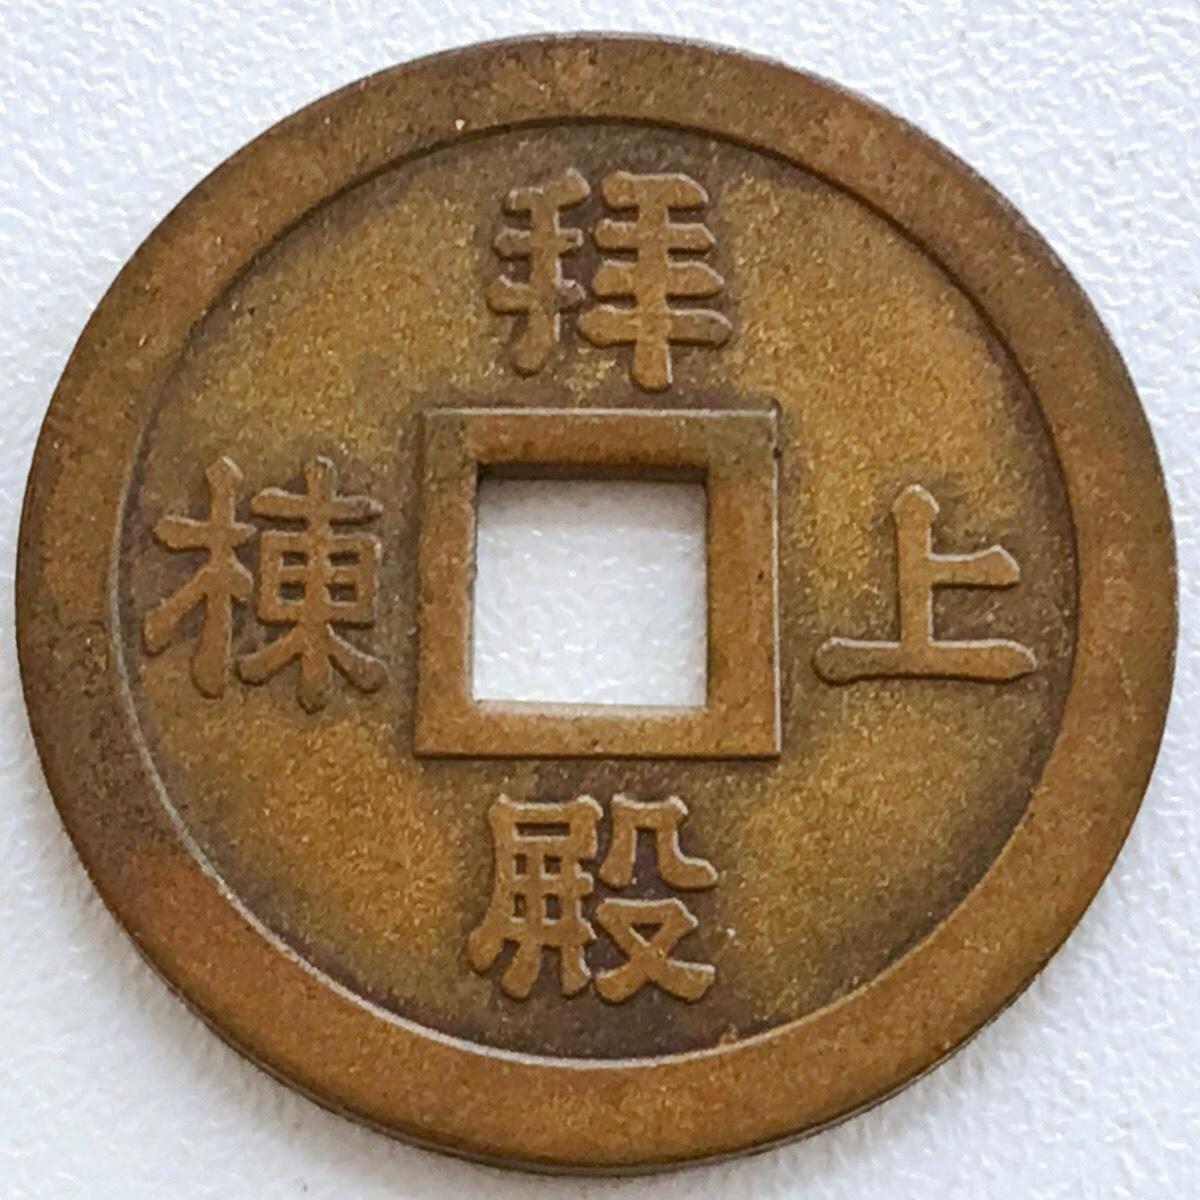 古銭◆ 絵銭 上棟銭◆ 出雲大社 / 拝殿上棟 /造幣局製/約5.4g_画像2